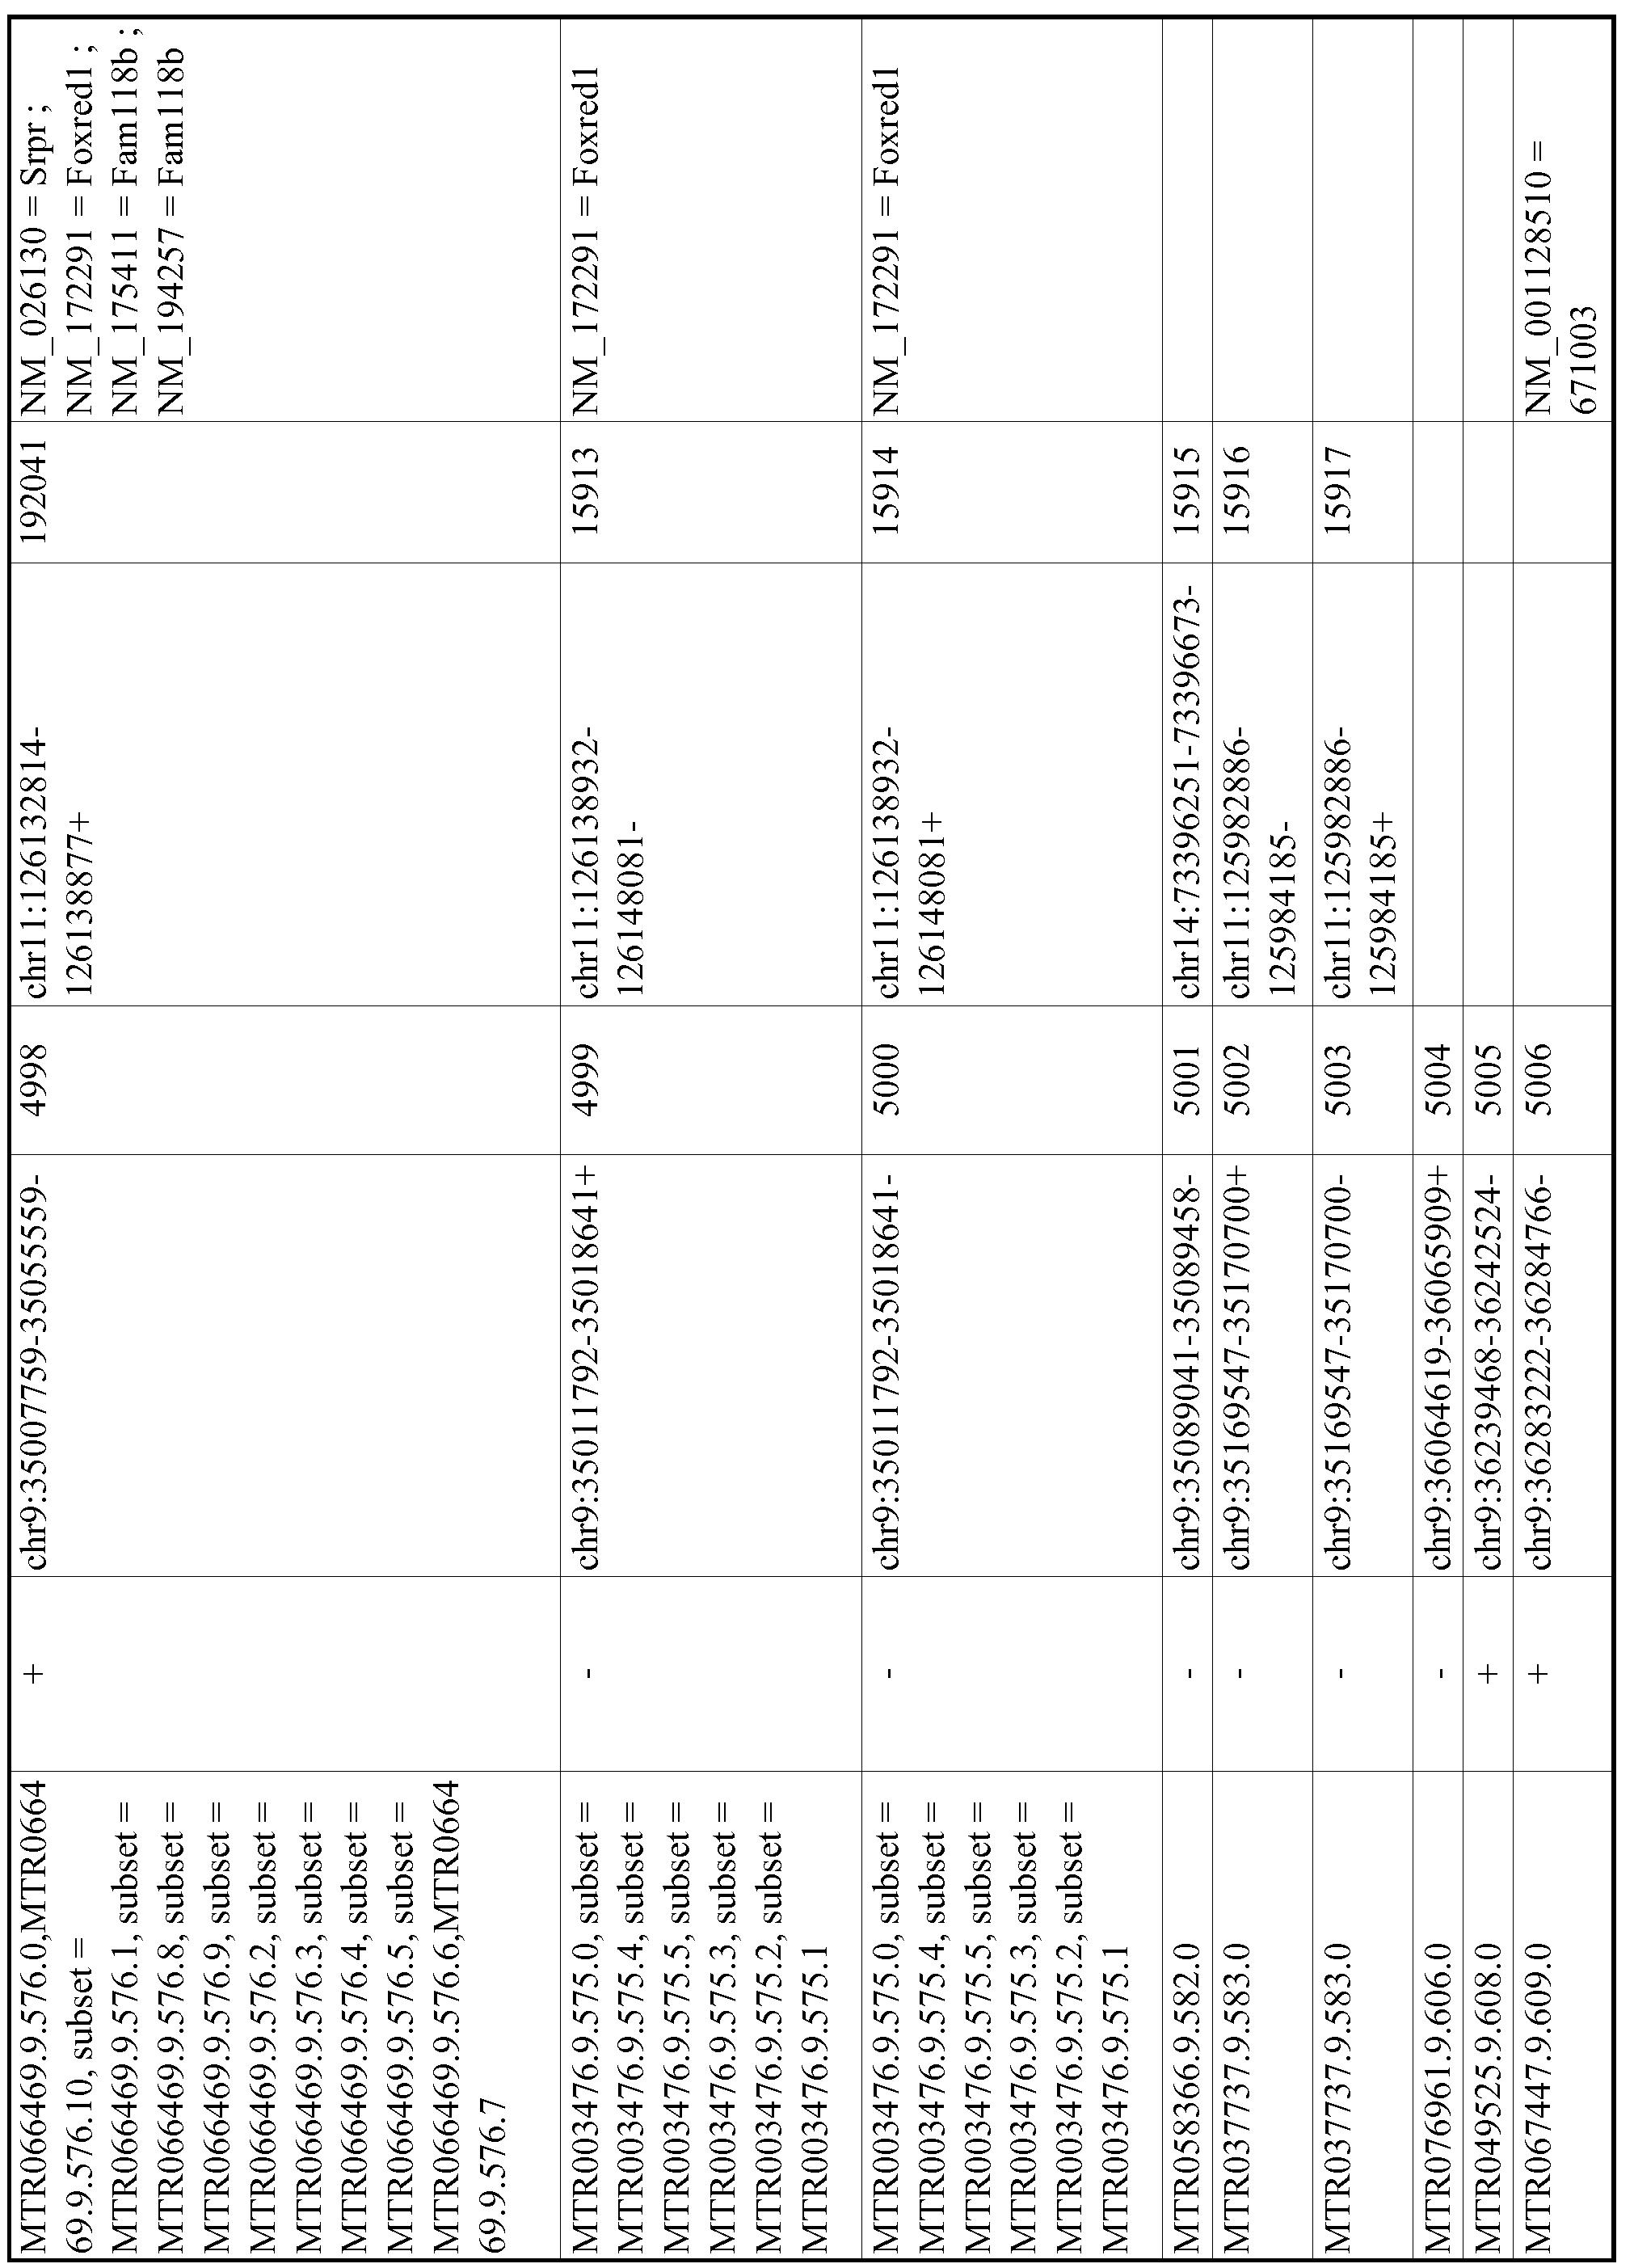 Figure imgf000918_0001